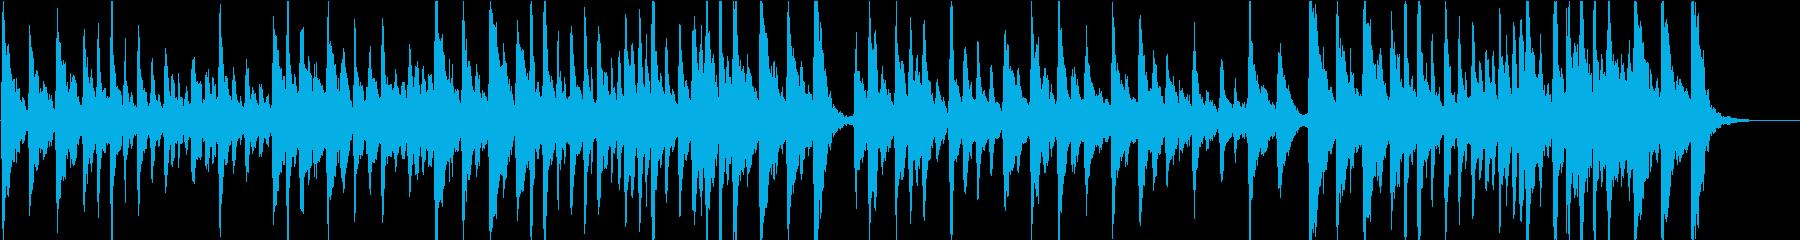 ストリングスの高級感が印象的な曲の再生済みの波形